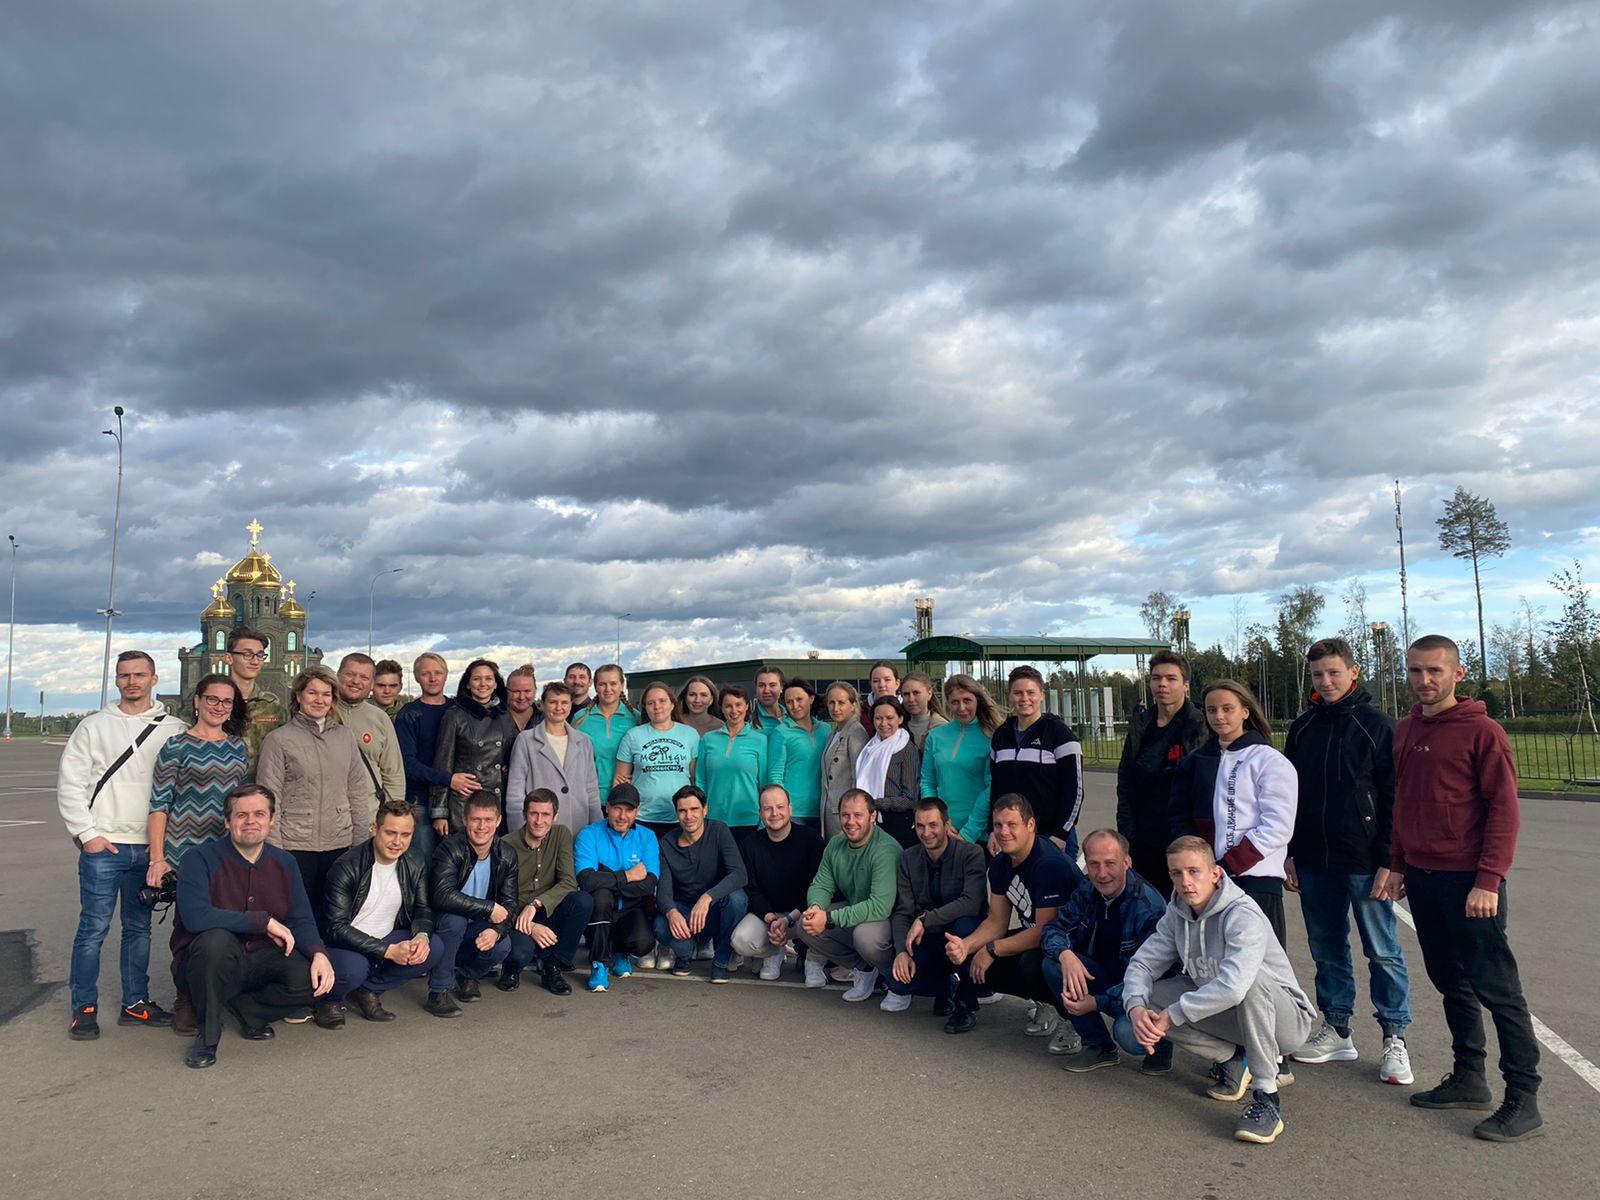 ФОТО: Активисты общественных патриотических организаций Рыбинска  посетили  Музей «Дорога памяти» и Главный Храм ВС РФ 14 сентября